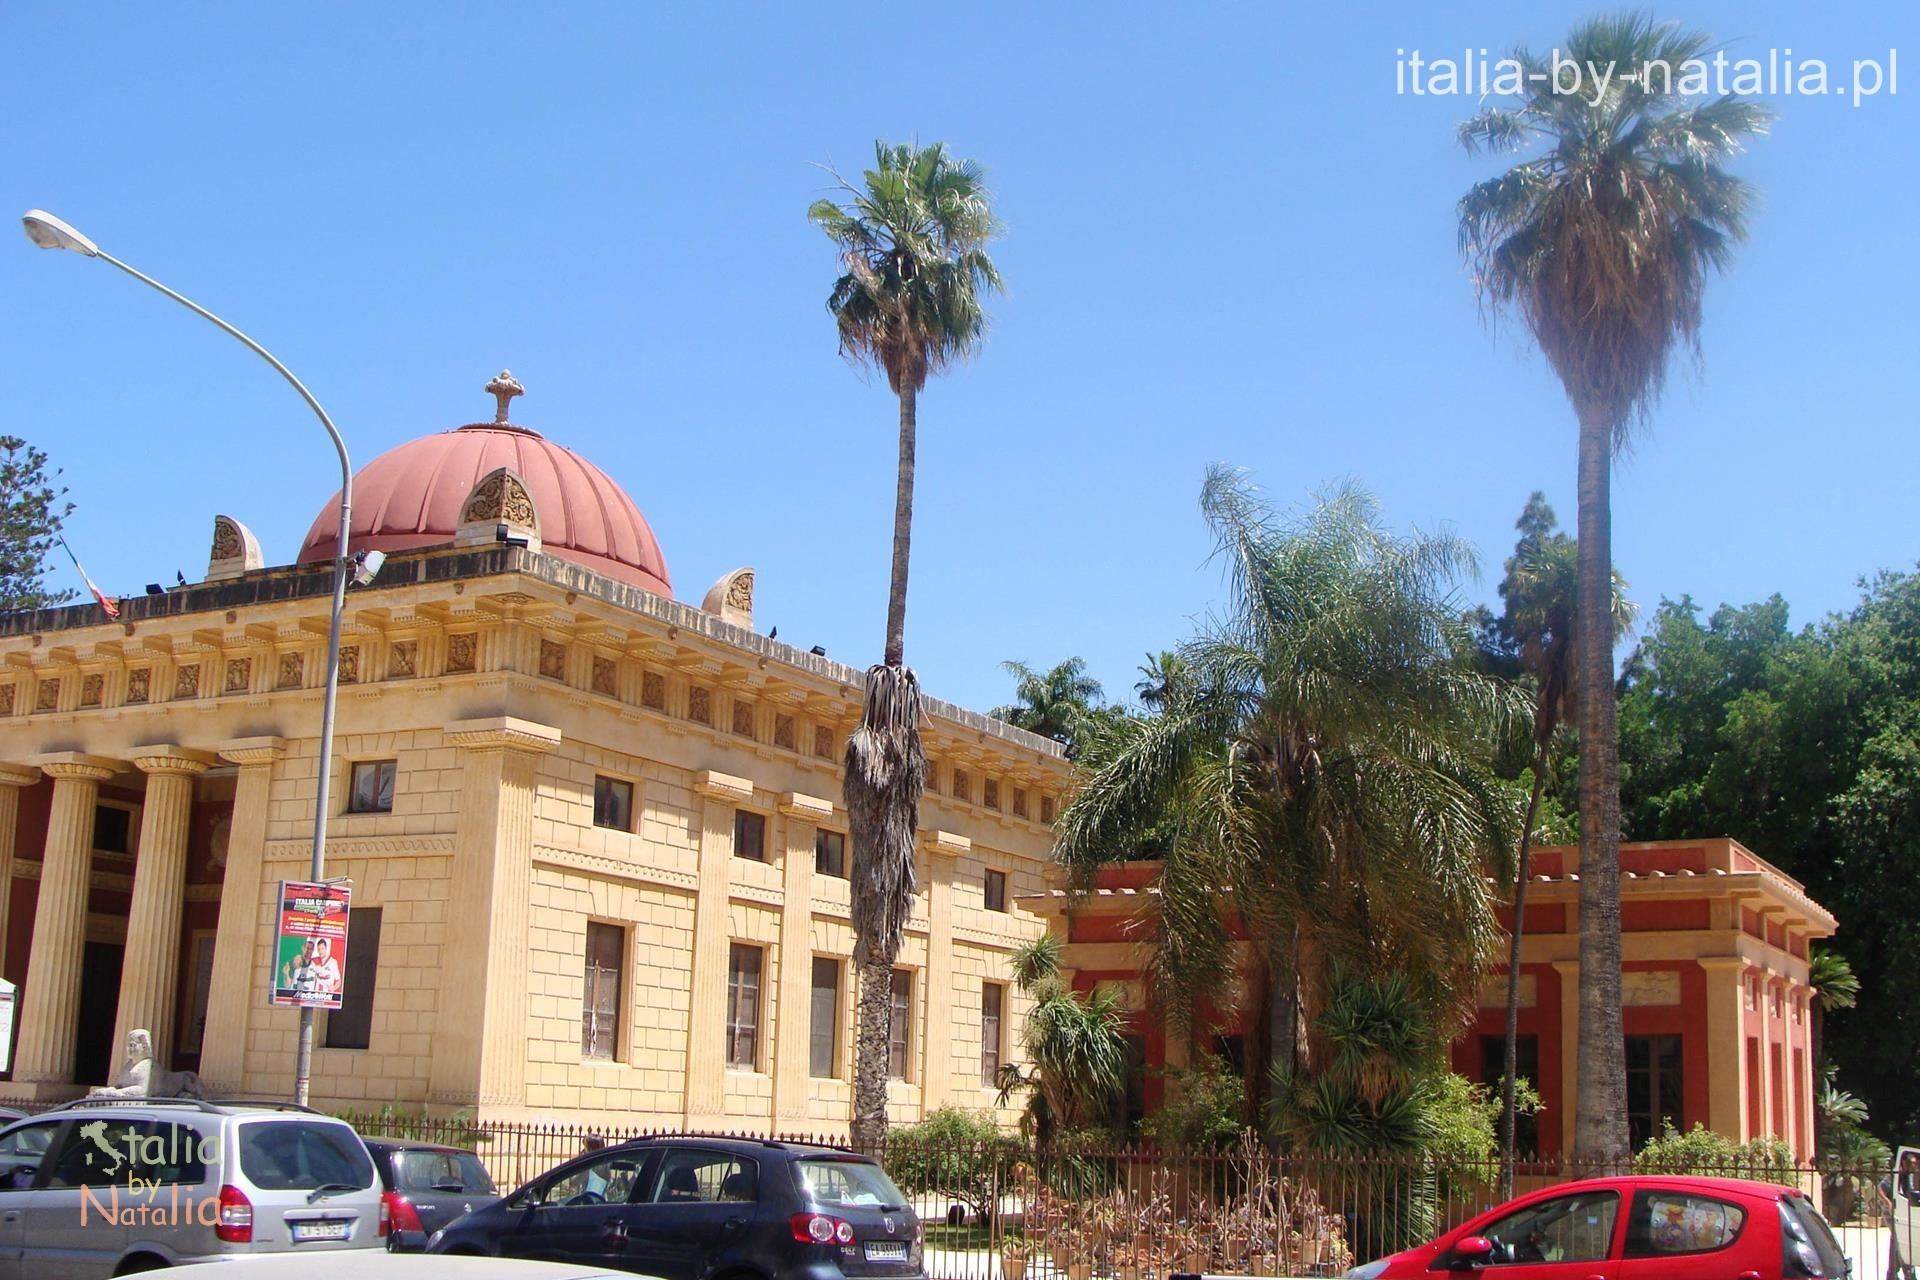 Ogród botaniczny w Palermo